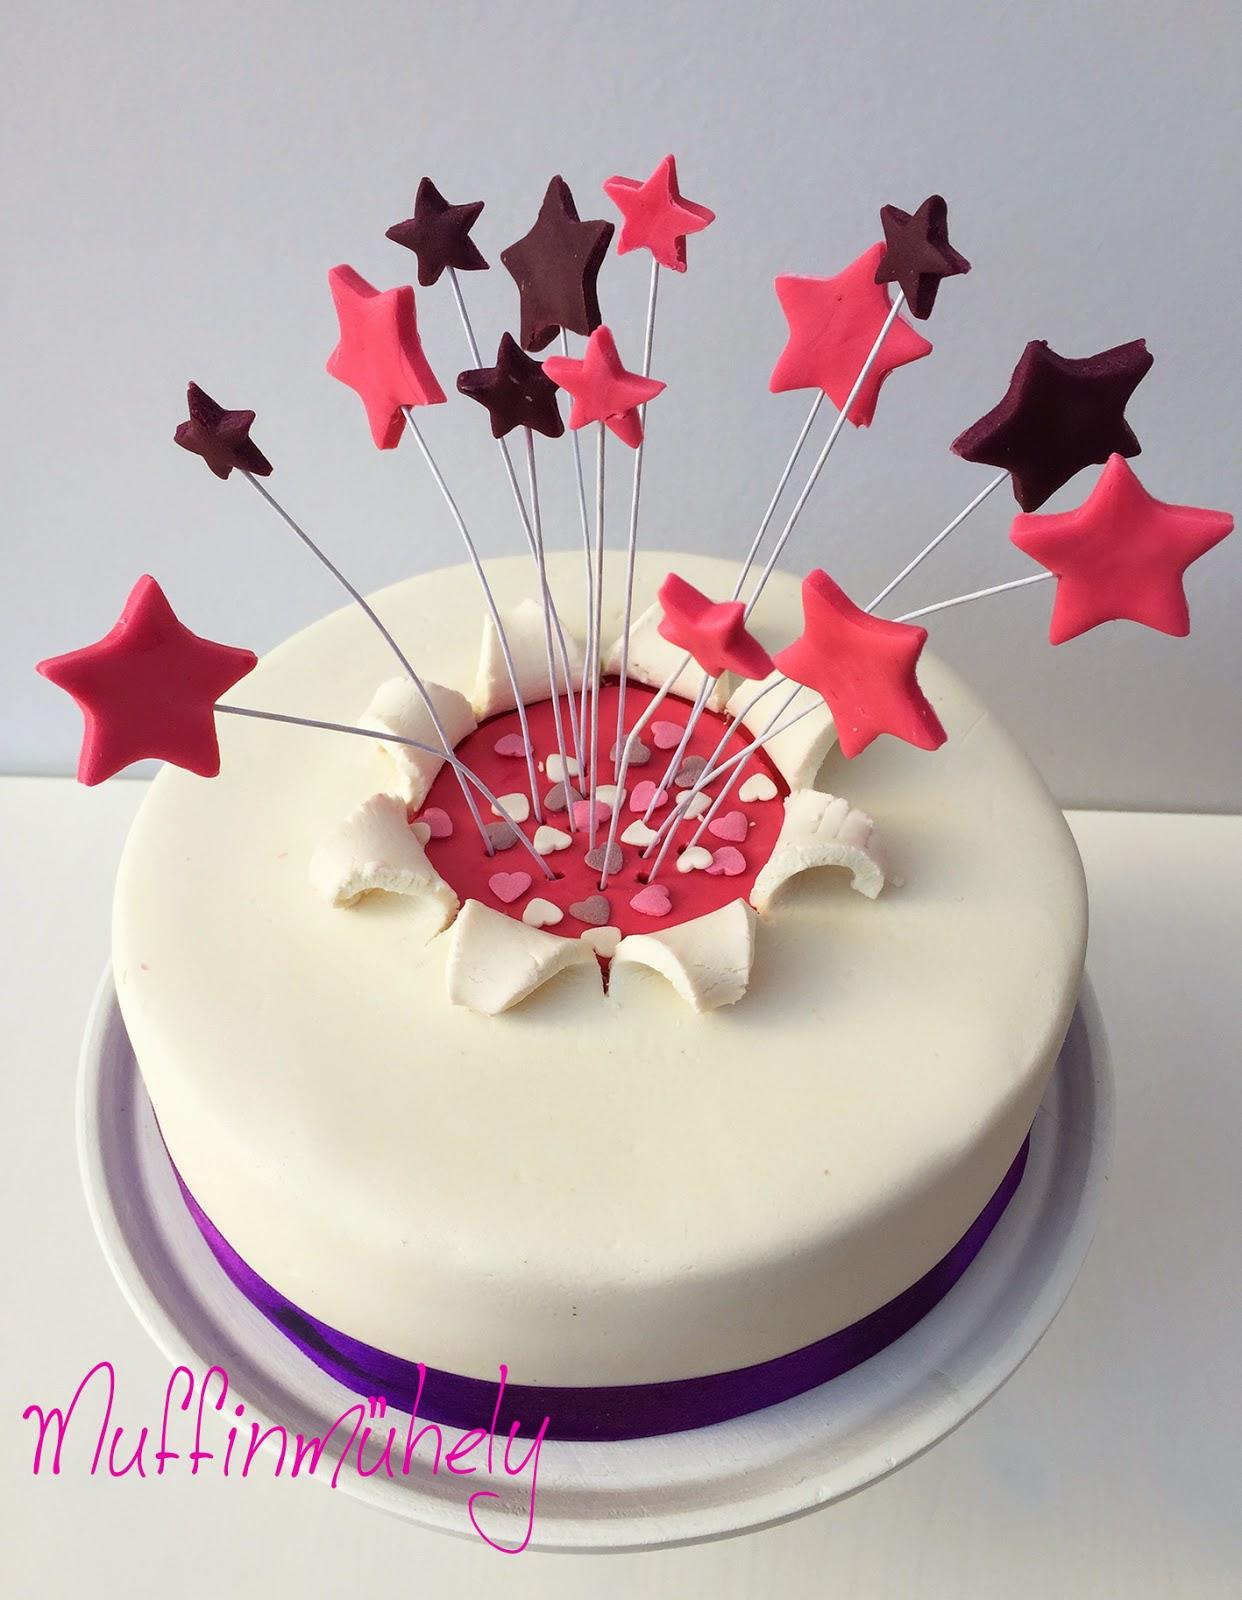 lányos torta képek Csillagos lányos torta lányos torta képek